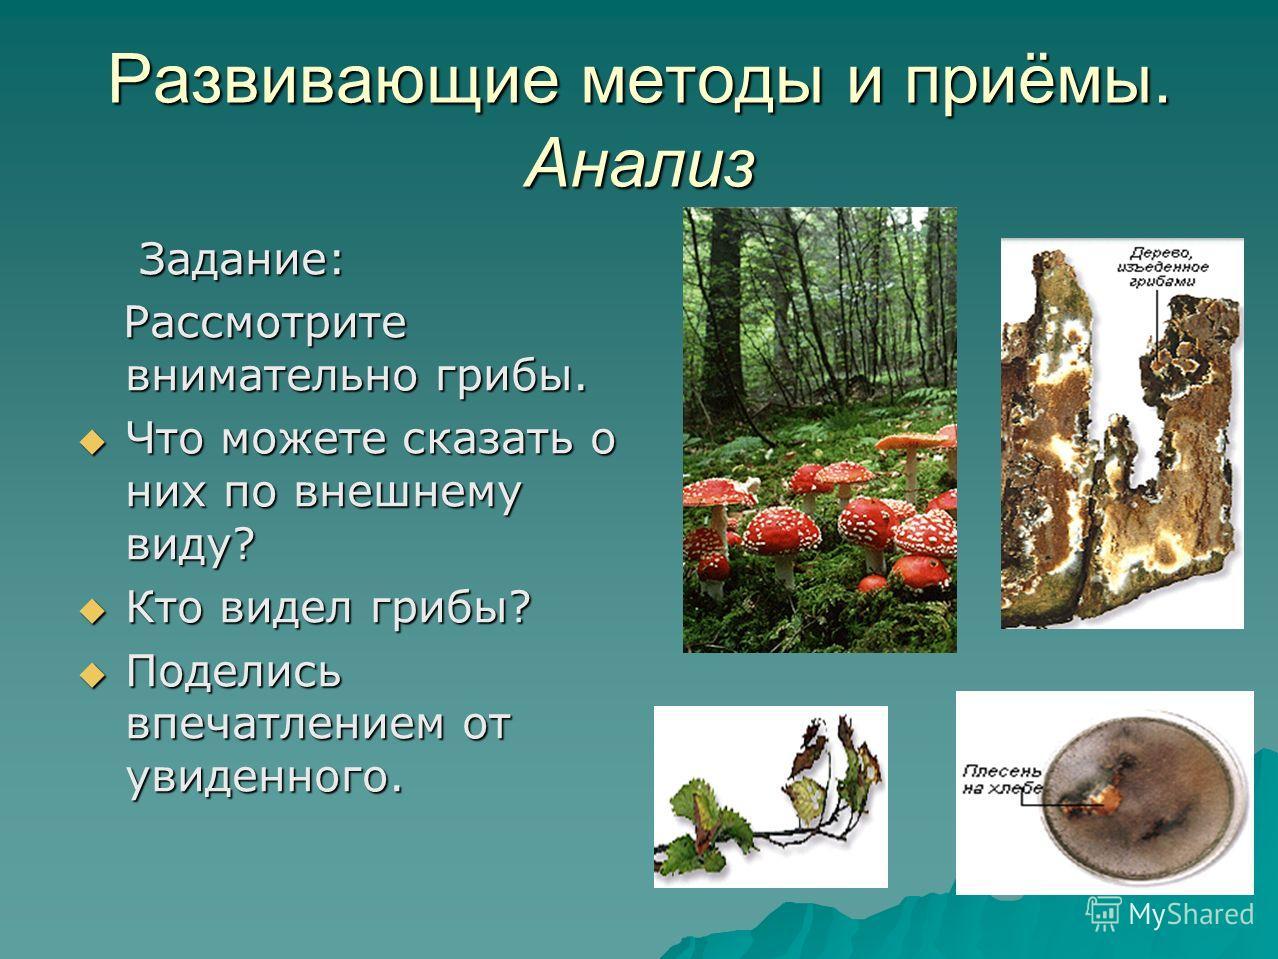 Развивающие методы и приёмы. Анализ Задание: Задание: Рассмотрите внимательно грибы. Рассмотрите внимательно грибы. Что можете сказать о них по внешнему виду? Что можете сказать о них по внешнему виду? Кто видел грибы? Кто видел грибы? Поделись впеча